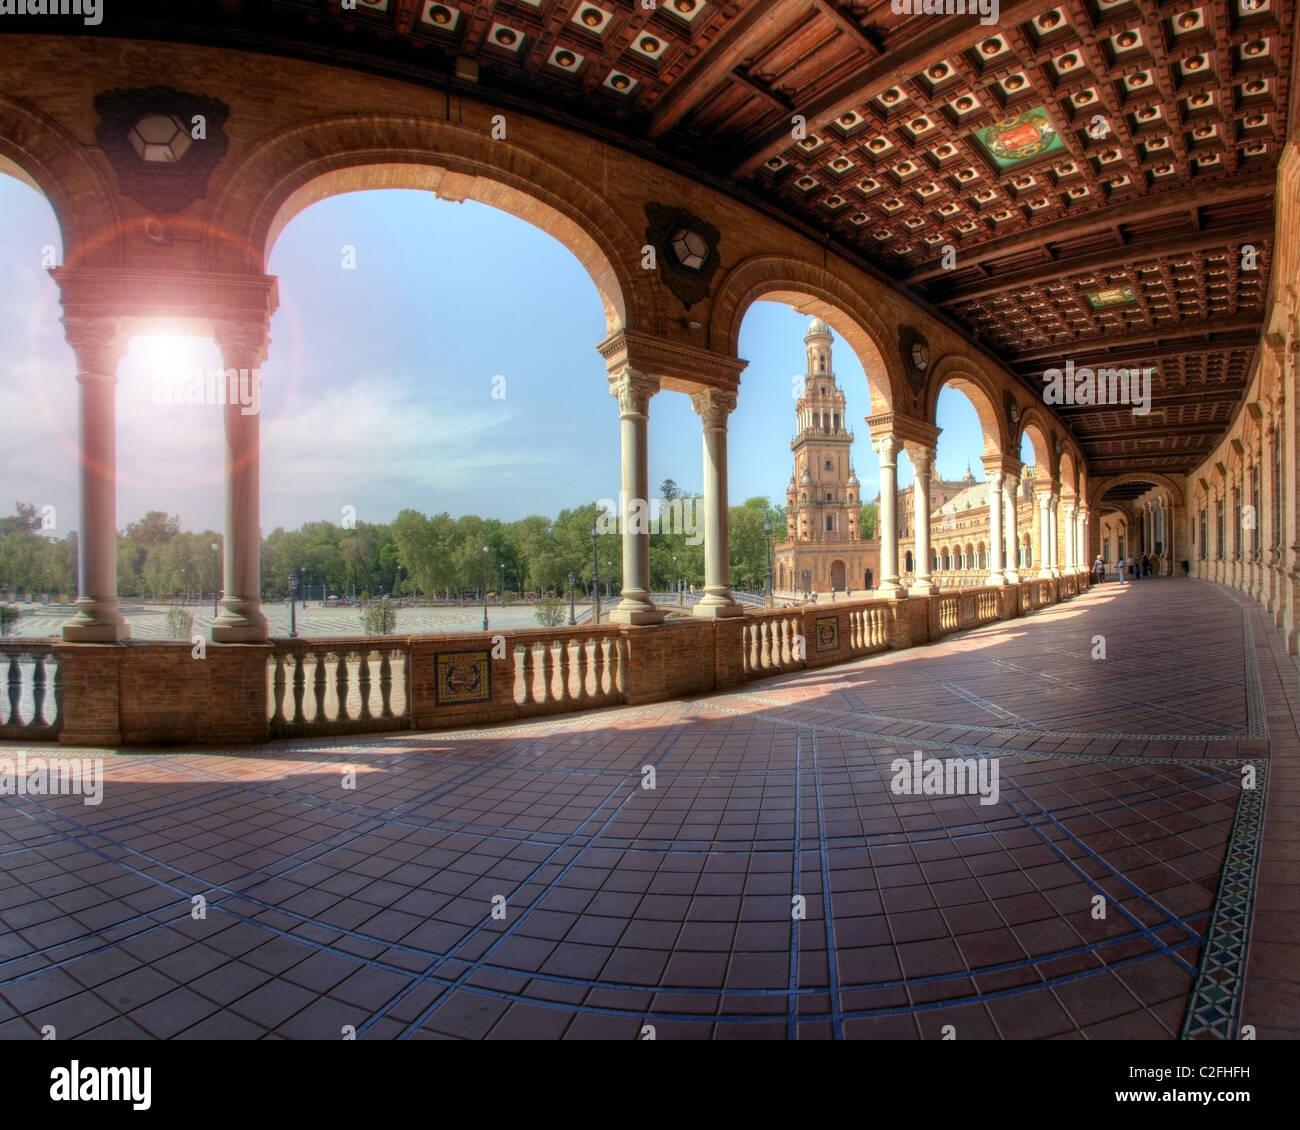 ES - Andalusien: Sevillas berühmten Plaza de Espana Stockfoto